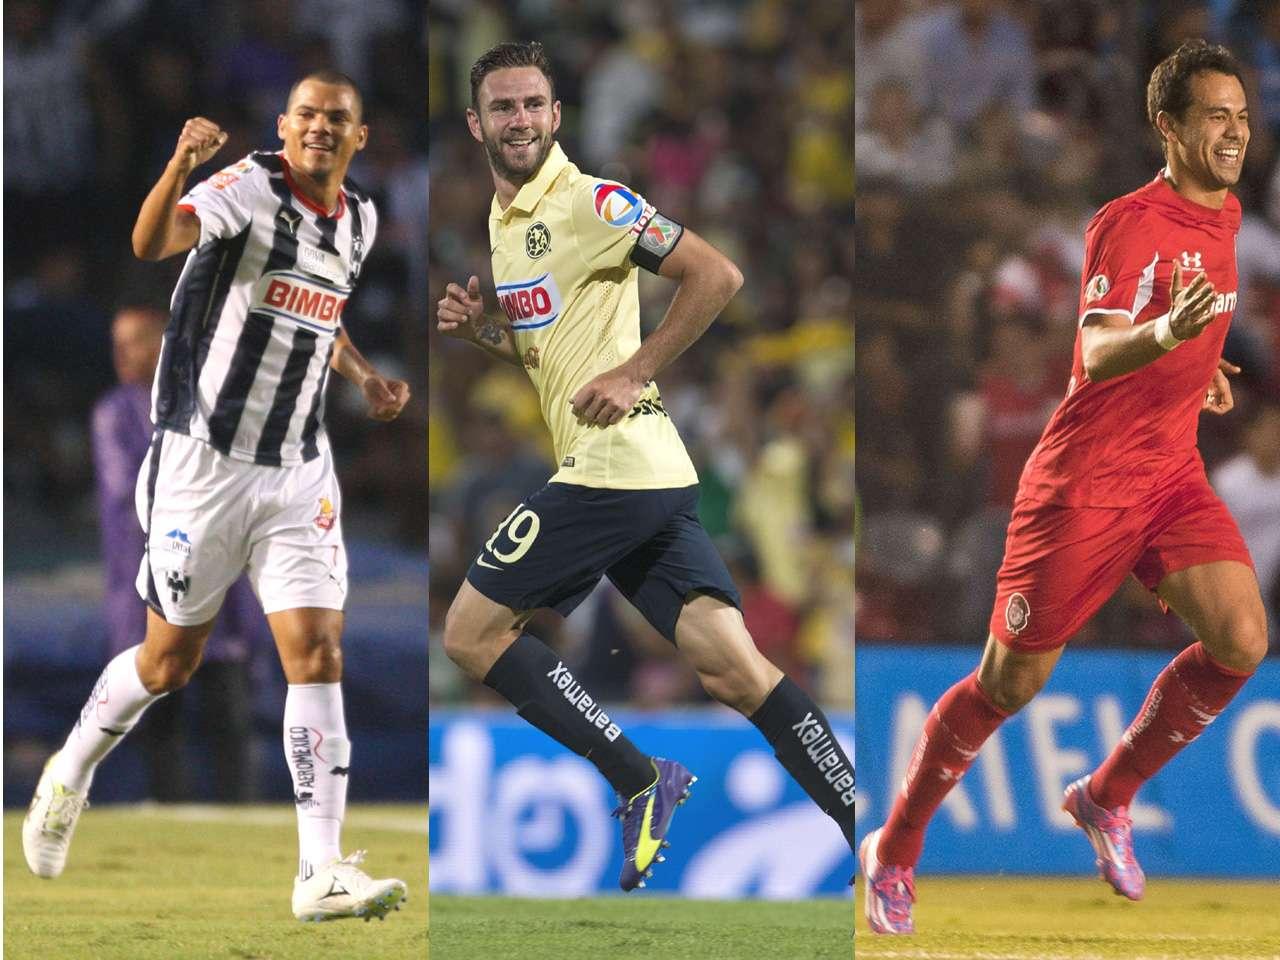 Los mejores jugadores de la jornada 10 del Apertura 2014 Foto: Imago7 / Mexsport